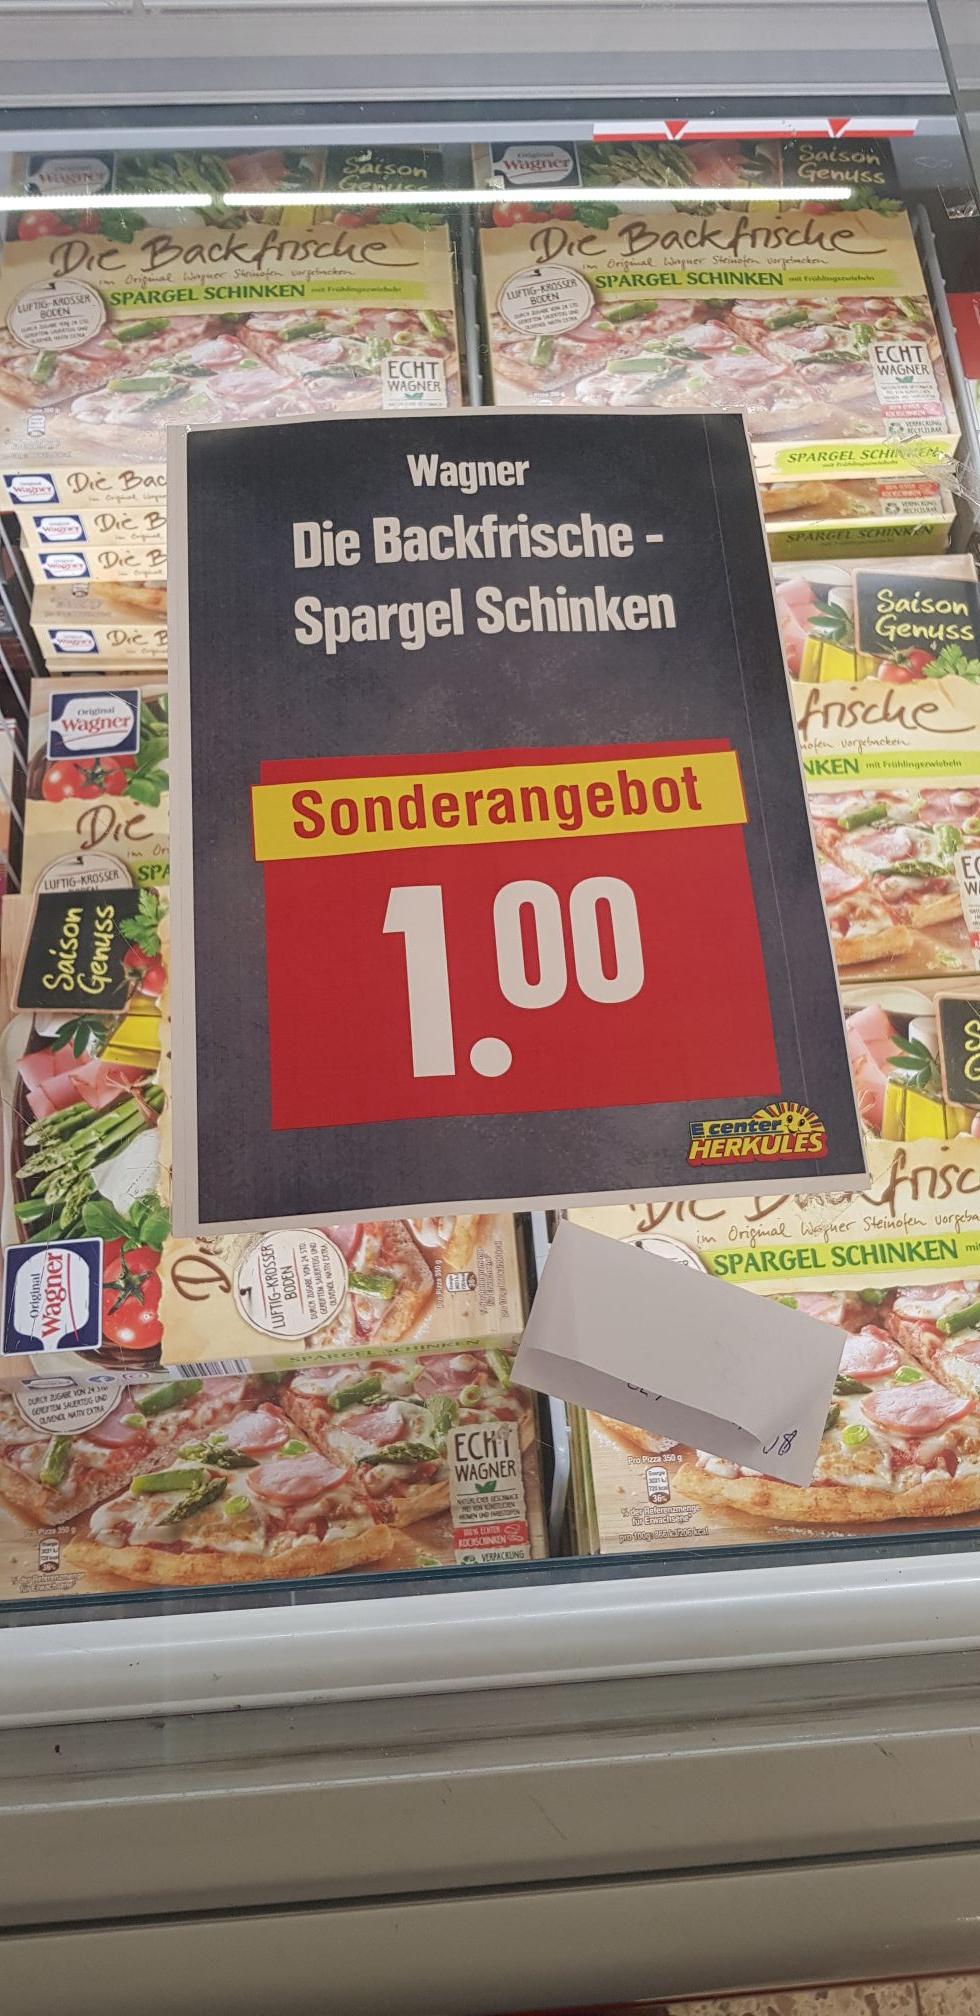 [Lokal] Gießen 2 x Wagner Backfrische Pizza Spargel Schinken mit Coupon für 1€